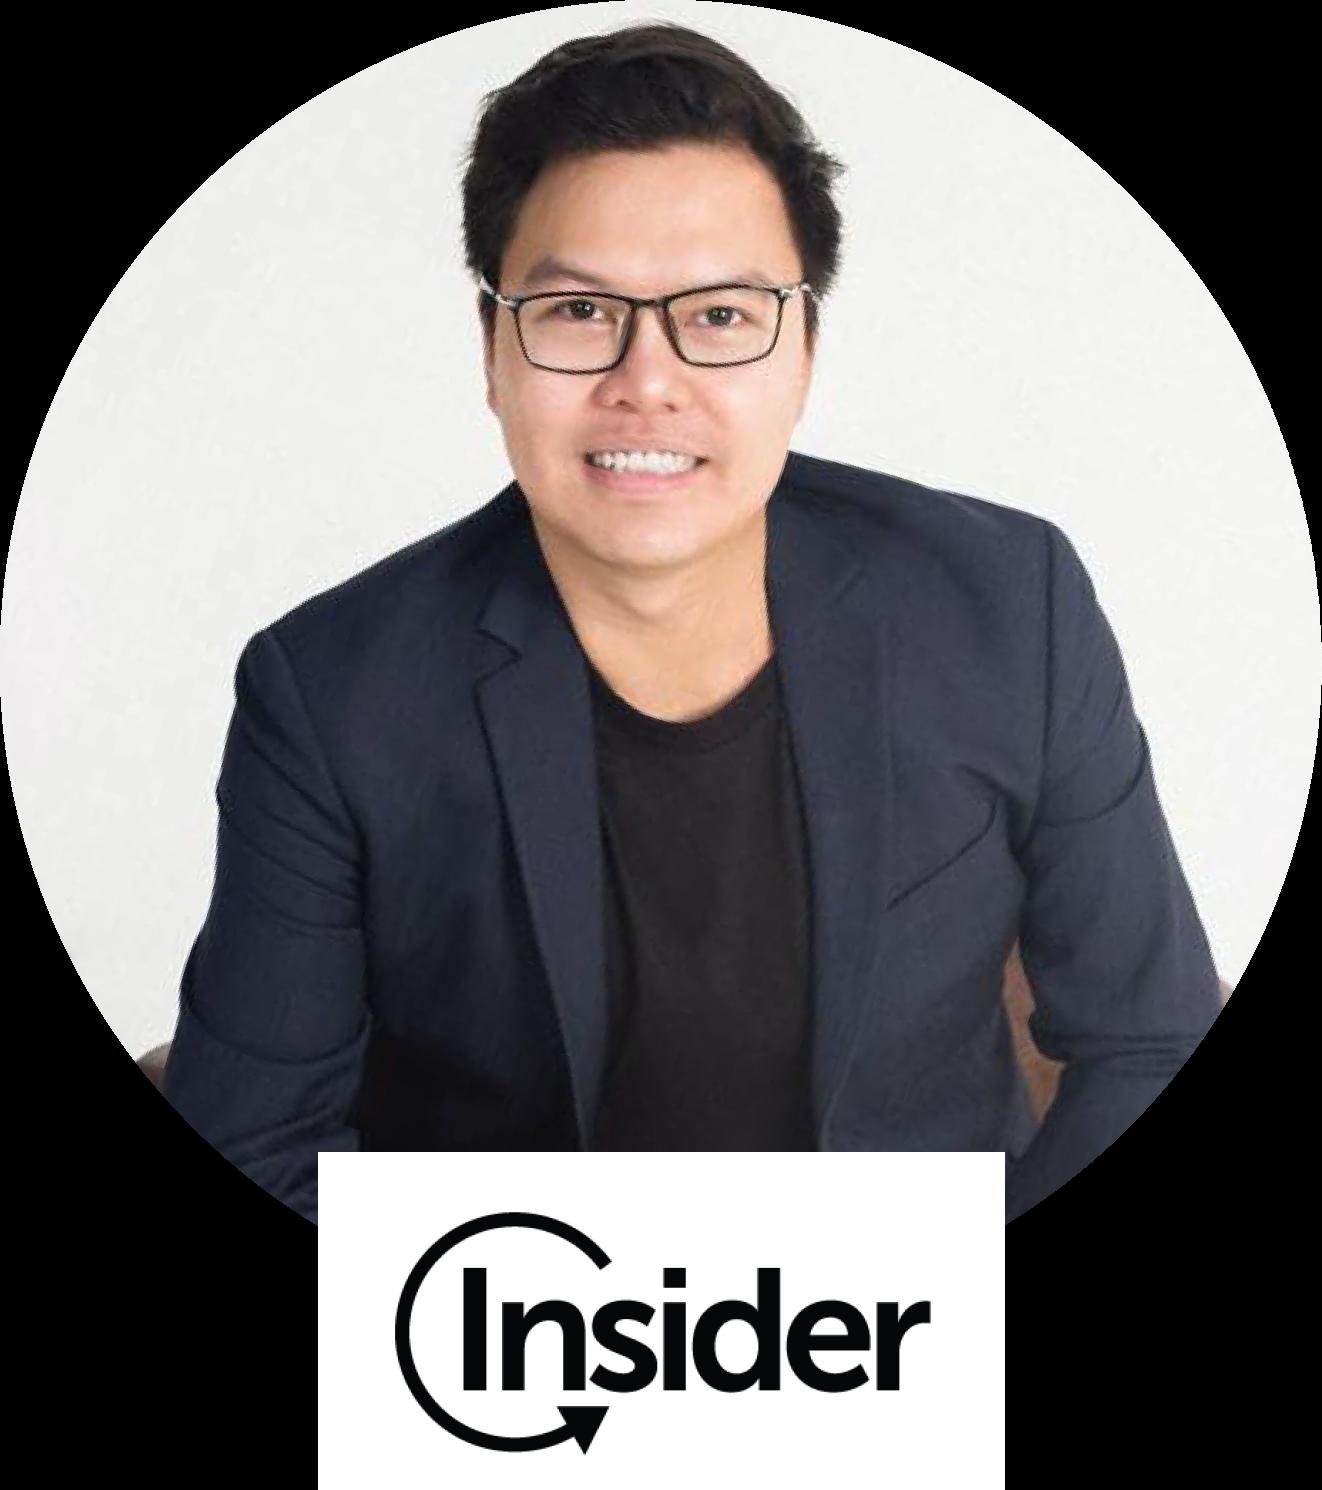 Jack Nguyen - Insider